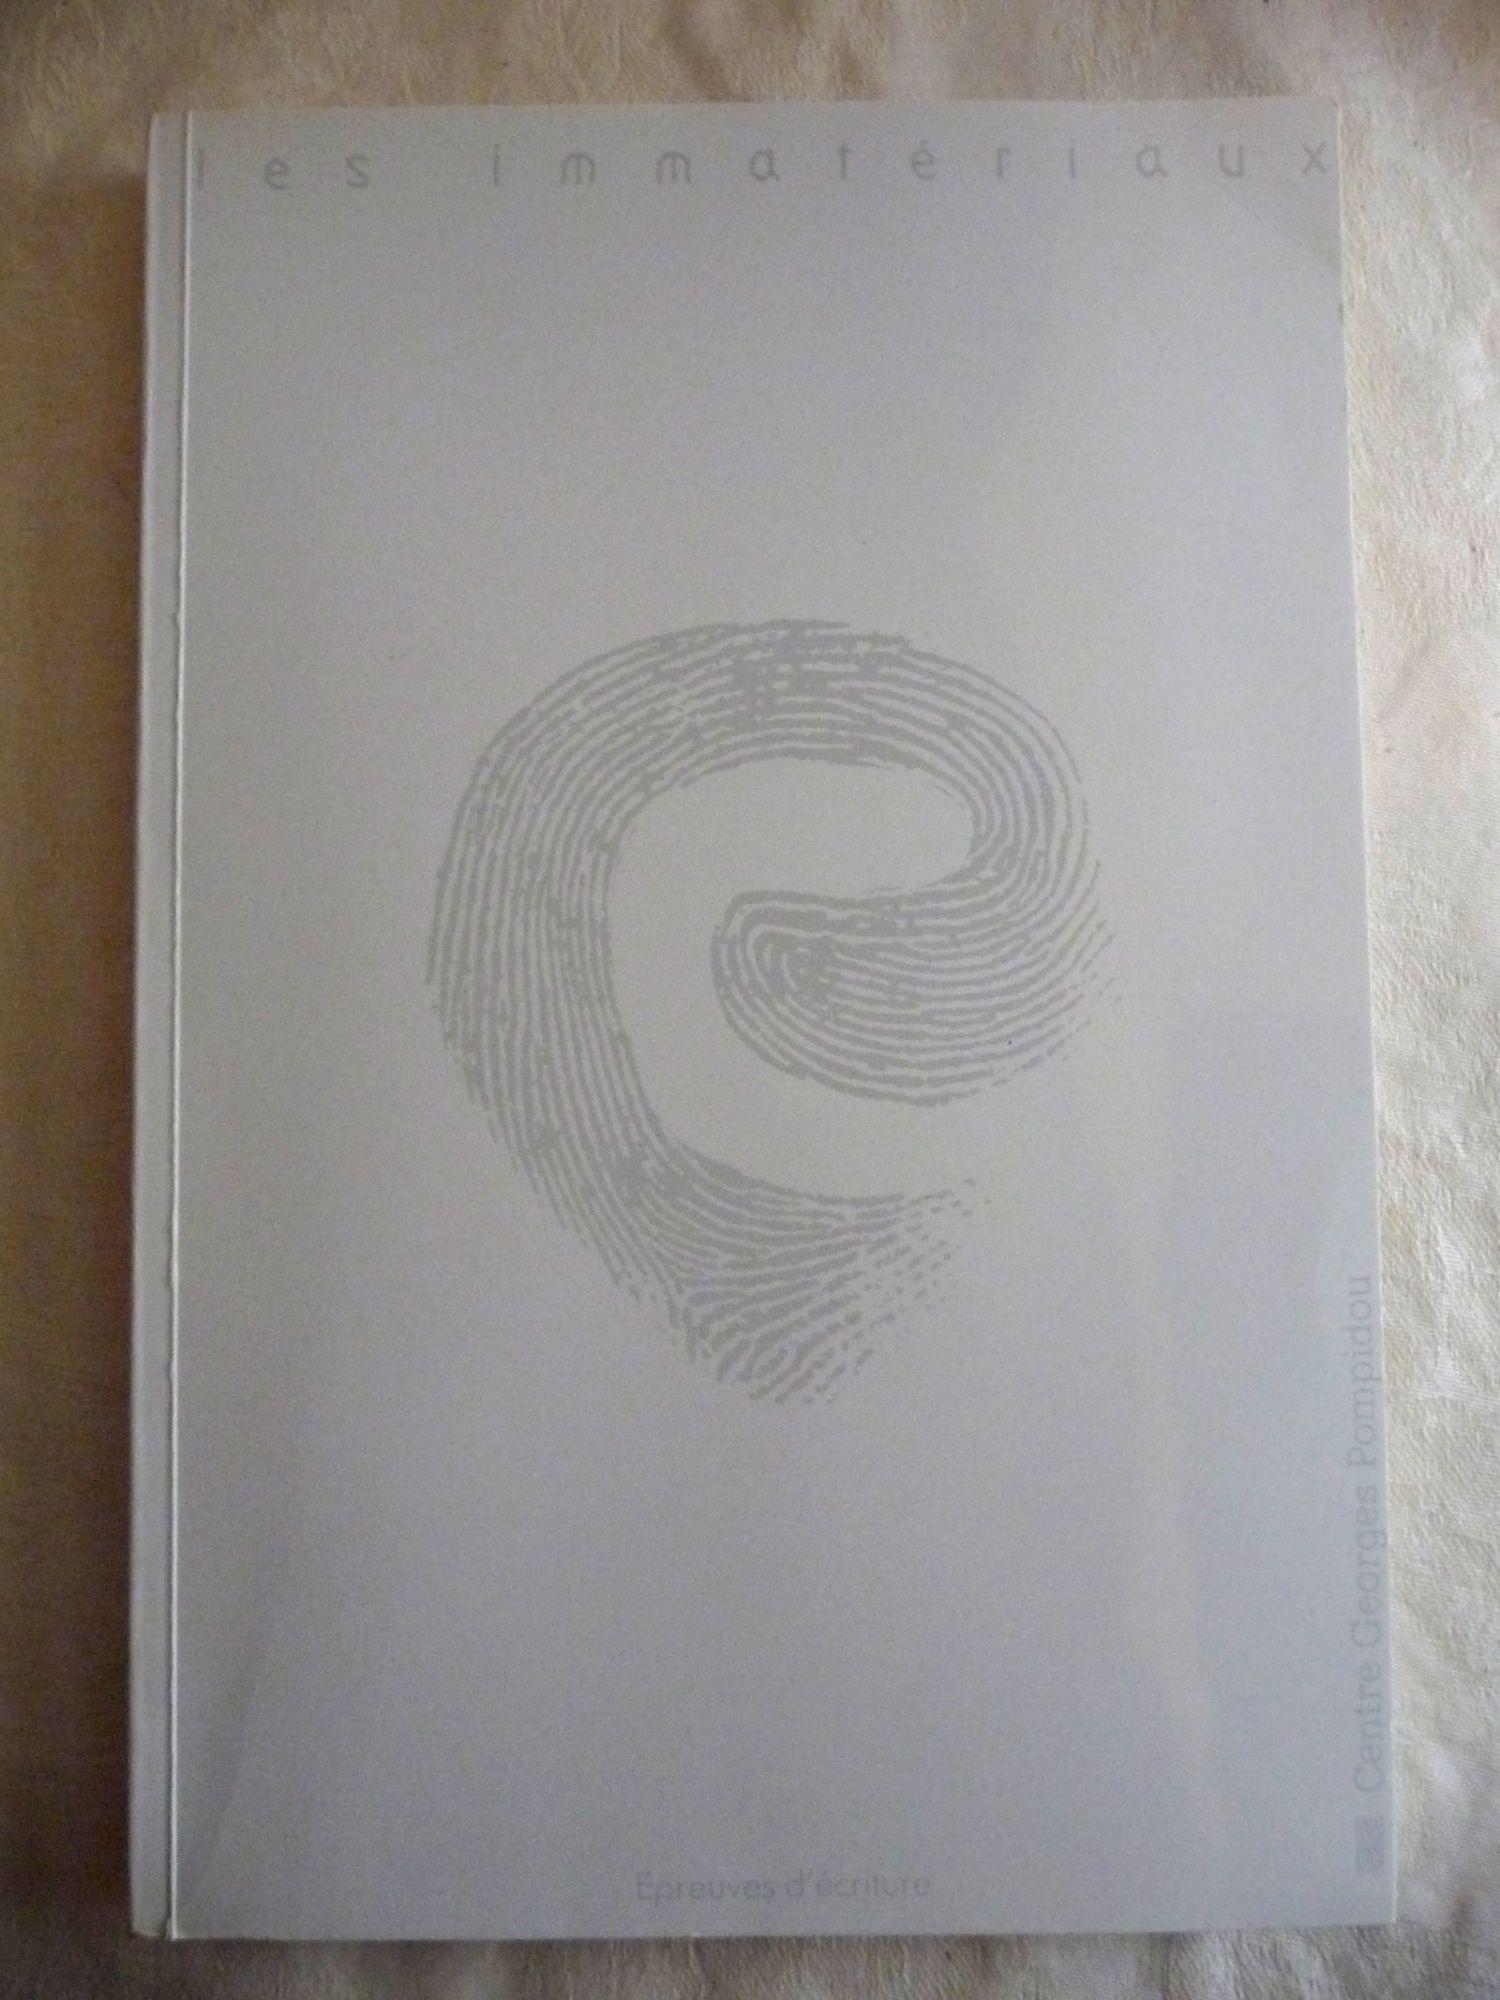 Les Immatériaux, Volume 1 - Epreuves d'écriture